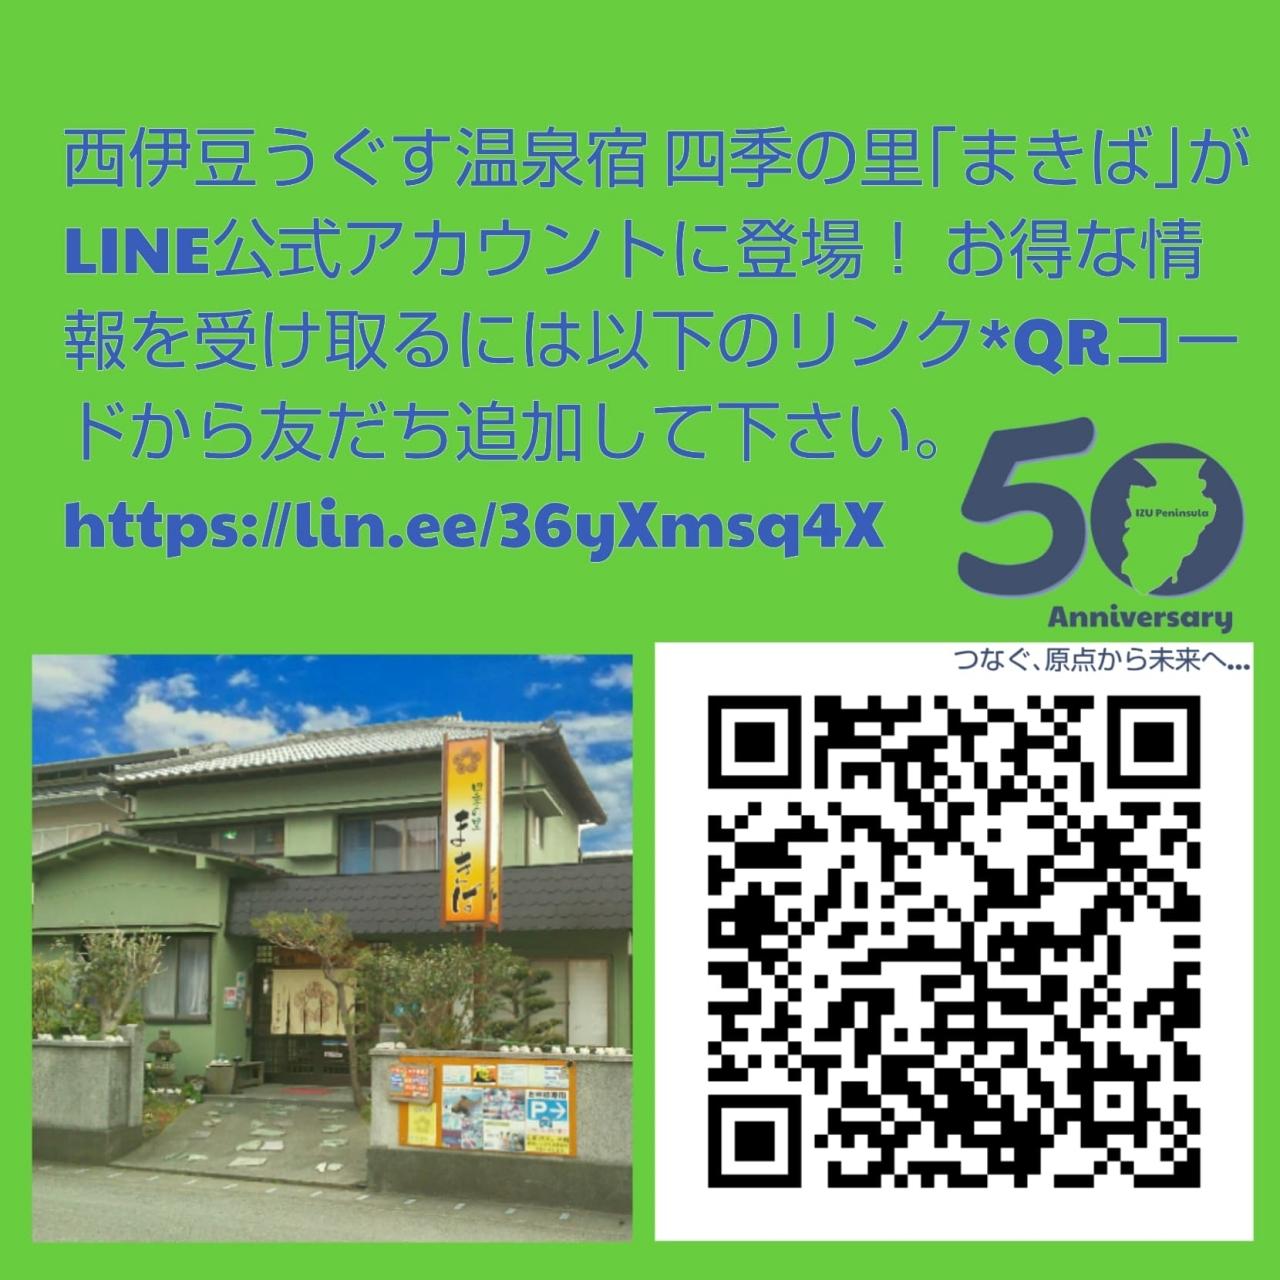 西伊豆うぐす温泉宿 四季の里まきば LINE公式アカウント